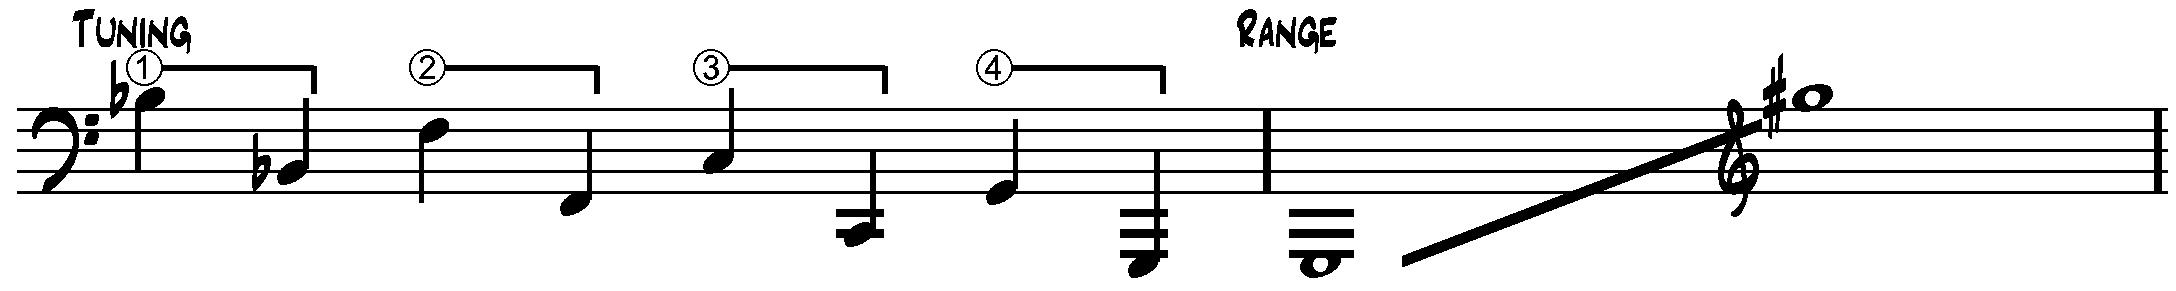 Saz Tuning & Range